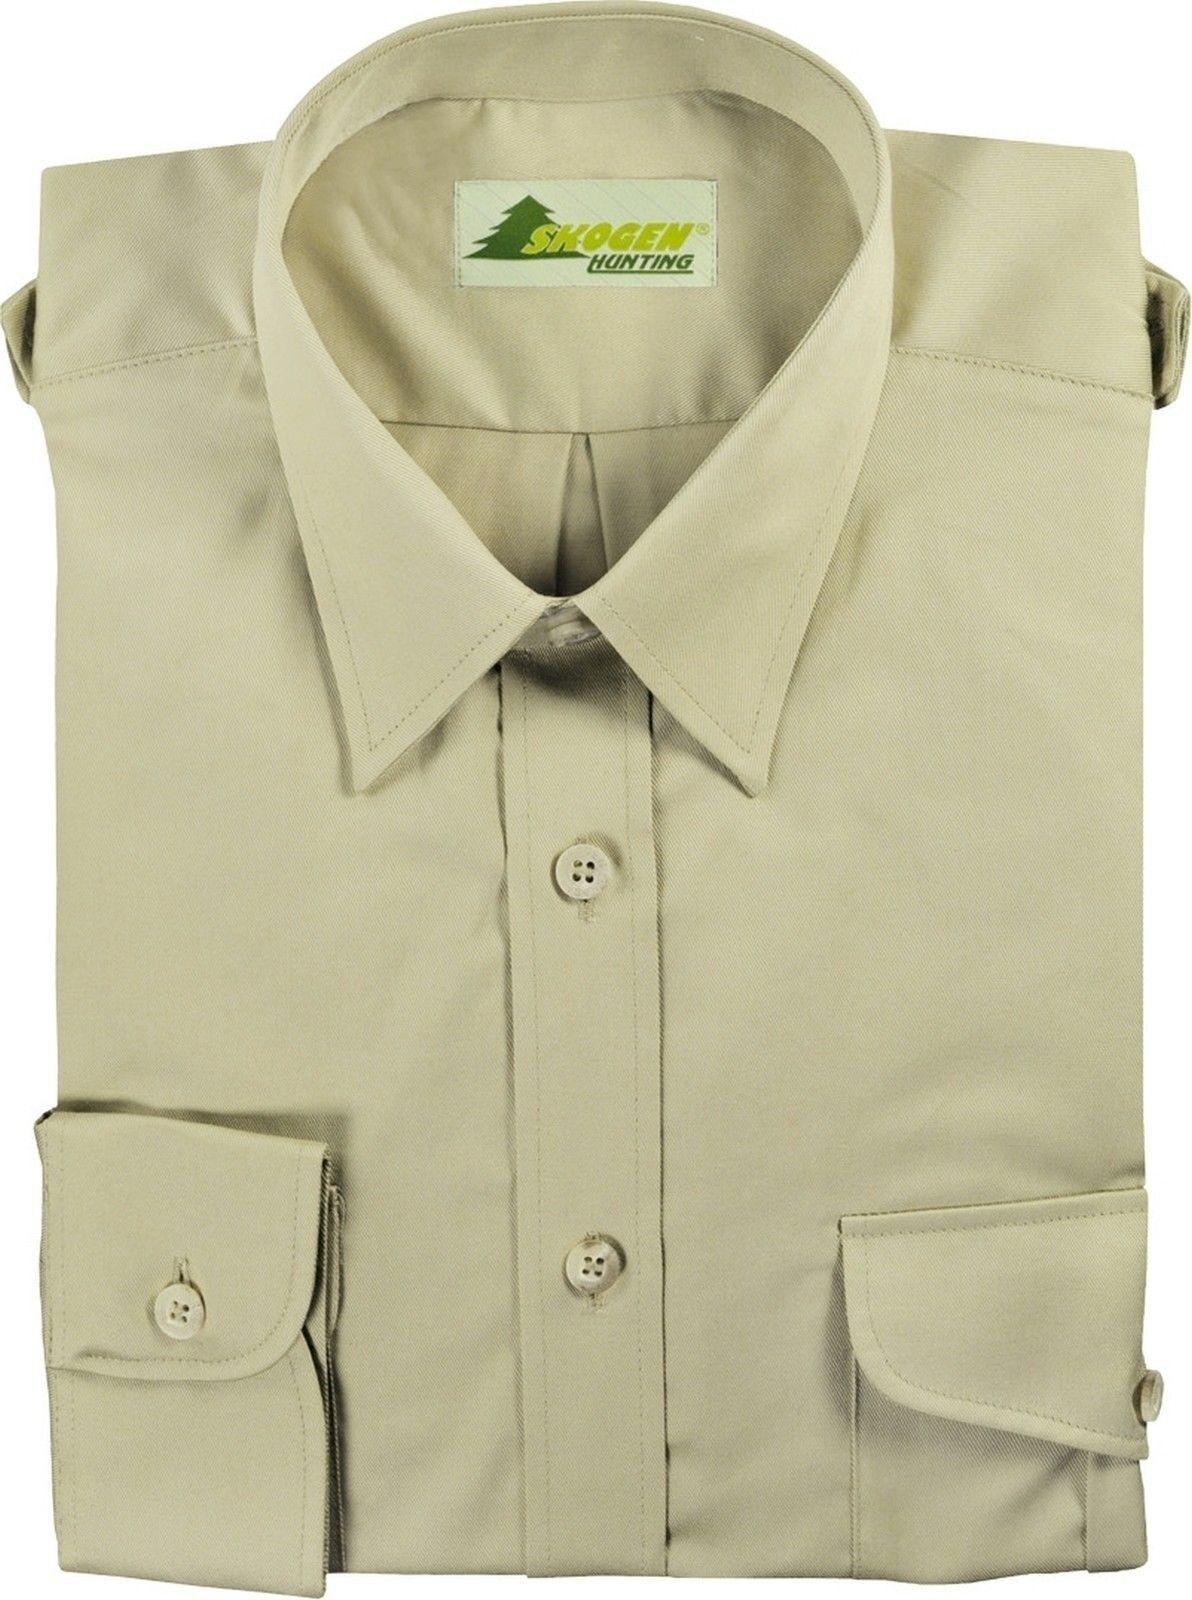 Jagdhemd Freizeithemd Hemd Hemd Hemd + Schulterklappen Garbardin100% Baumwoll natur SKOGEN | Modern  b95eef